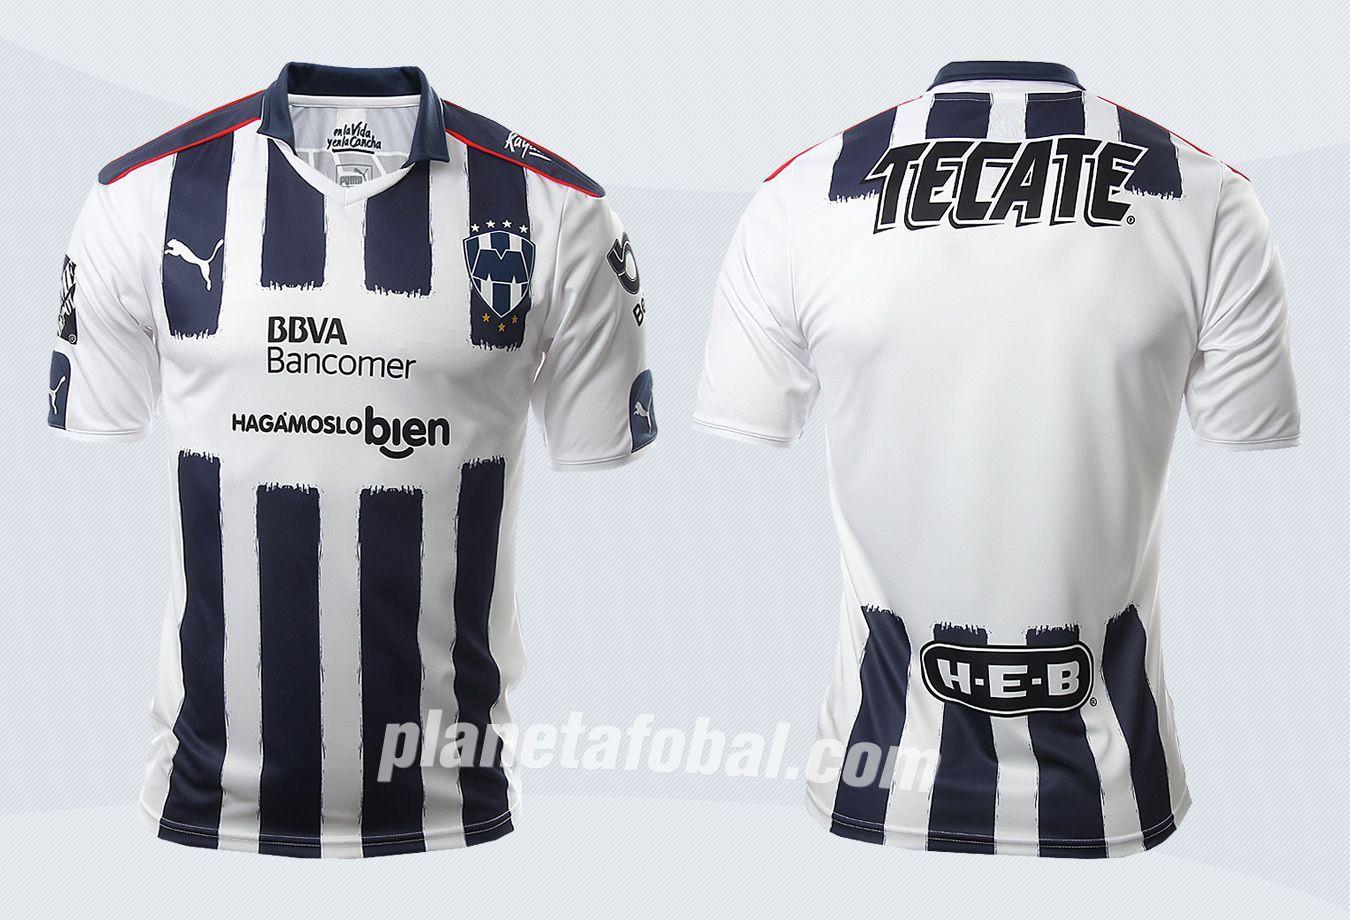 Camisetas Puma de los Rayados de Monterrey 2016/2017 | Planeta Fobal